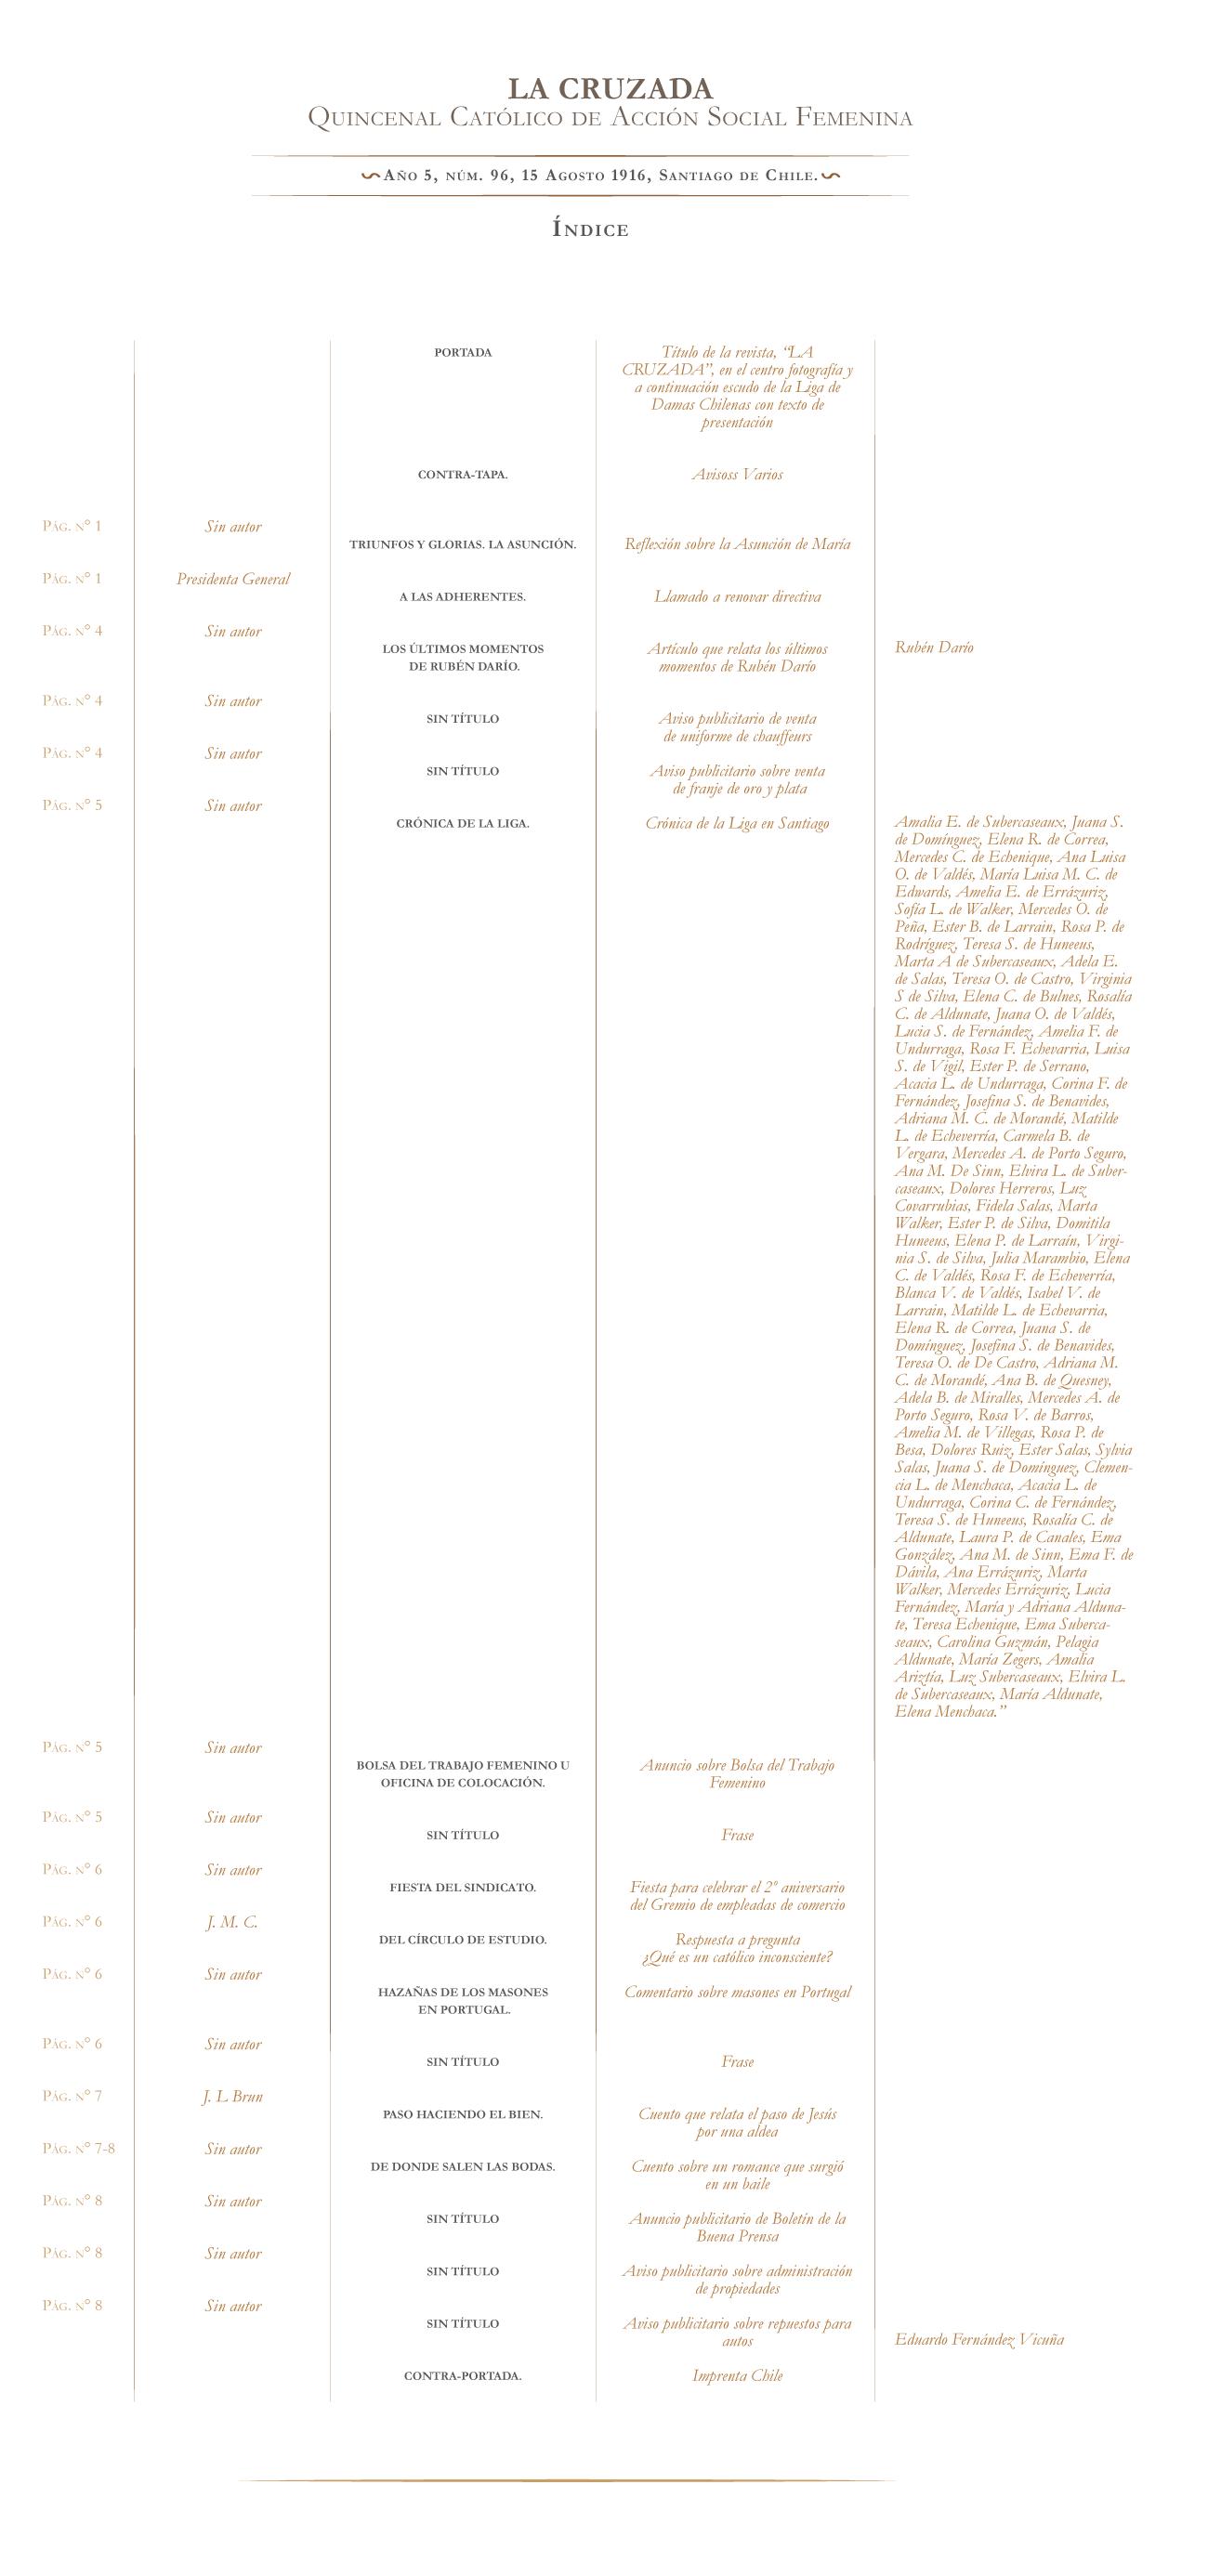 La Cruzada nº 96